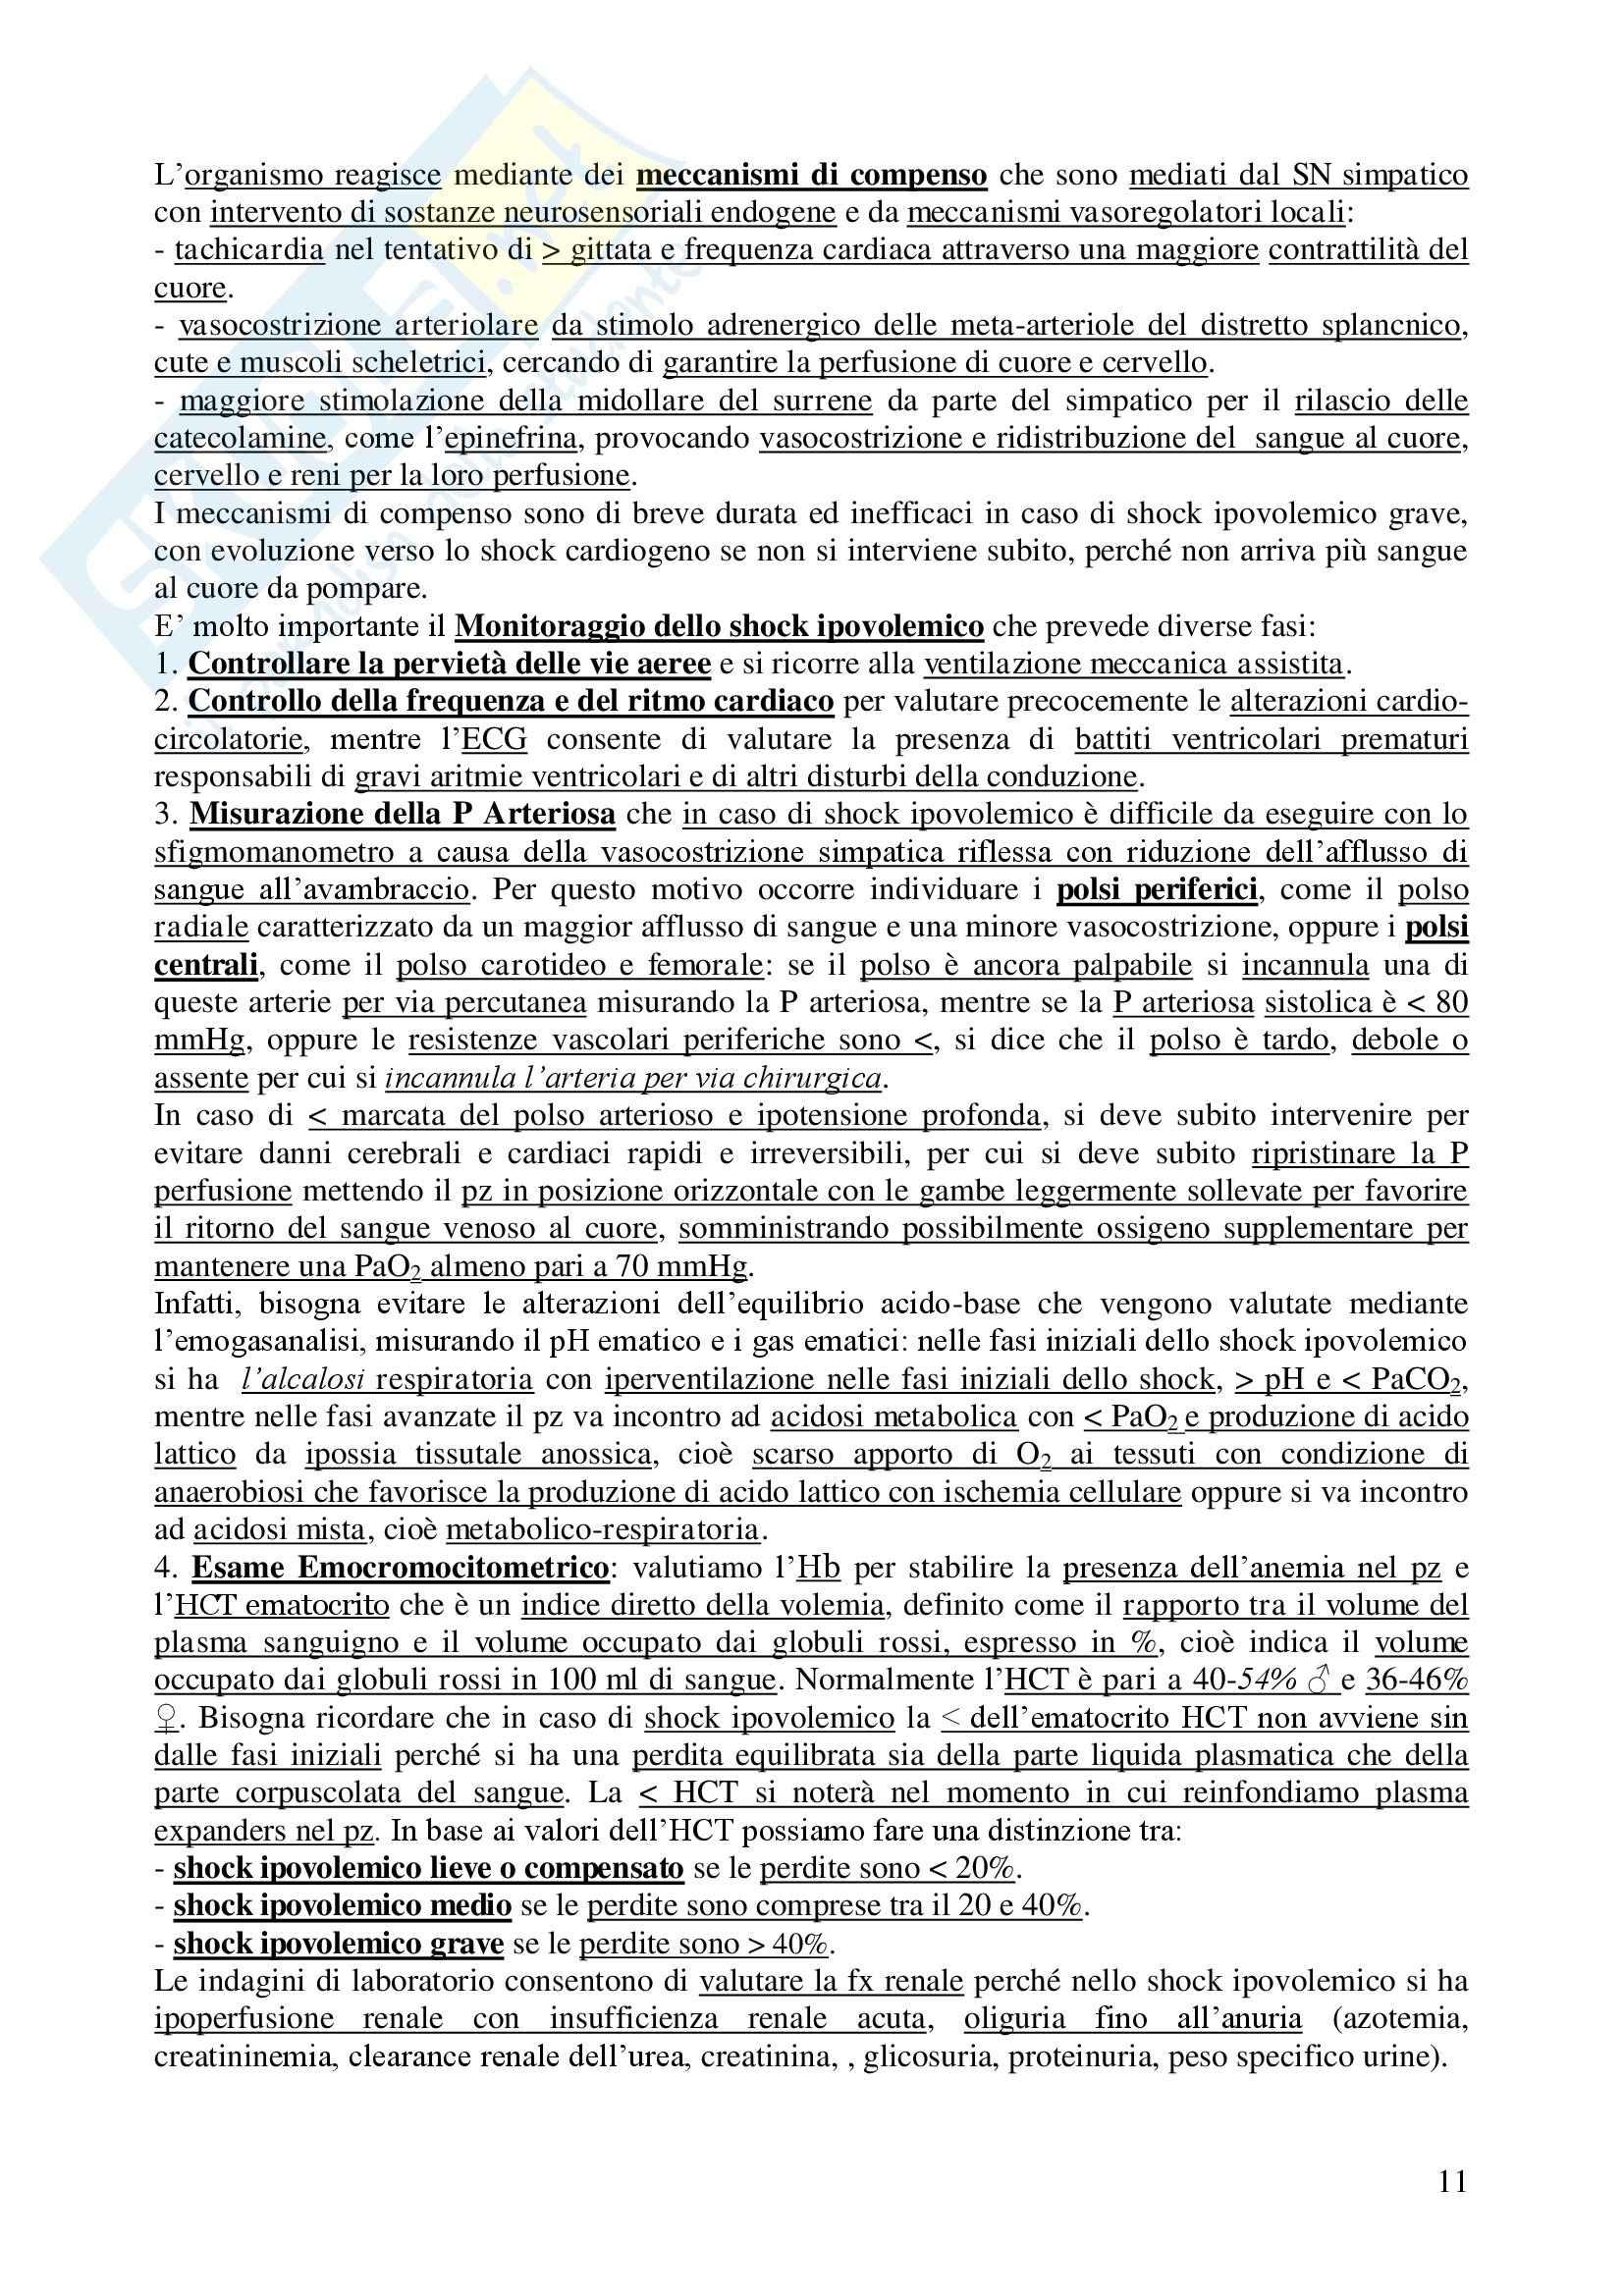 Chirurgia - chirurgia generale - Appunti Pag. 11